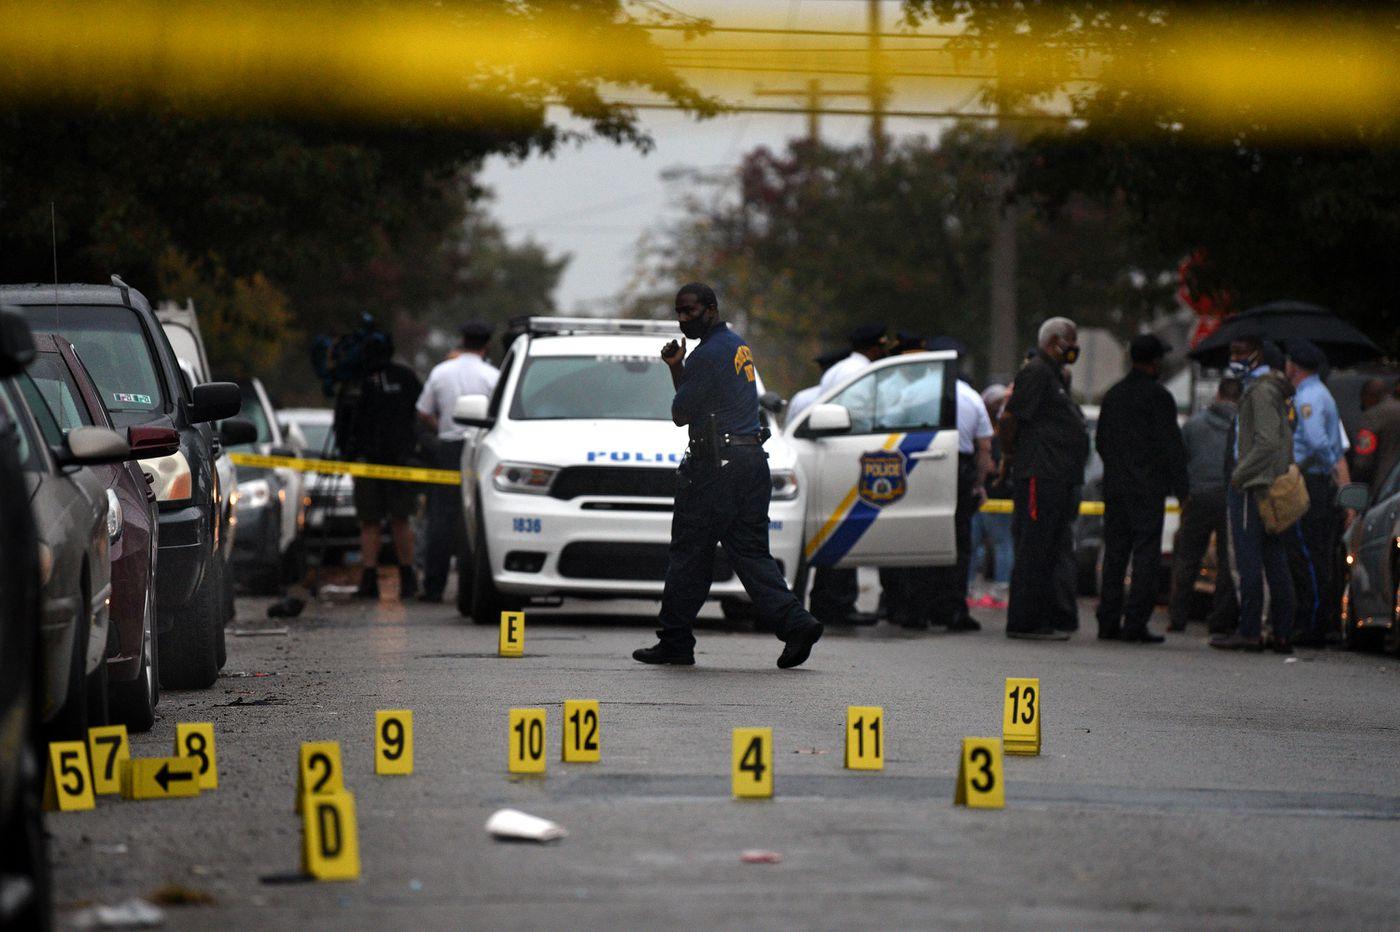 又一起!美国非裔男子遭警察连开十余枪 不治身亡